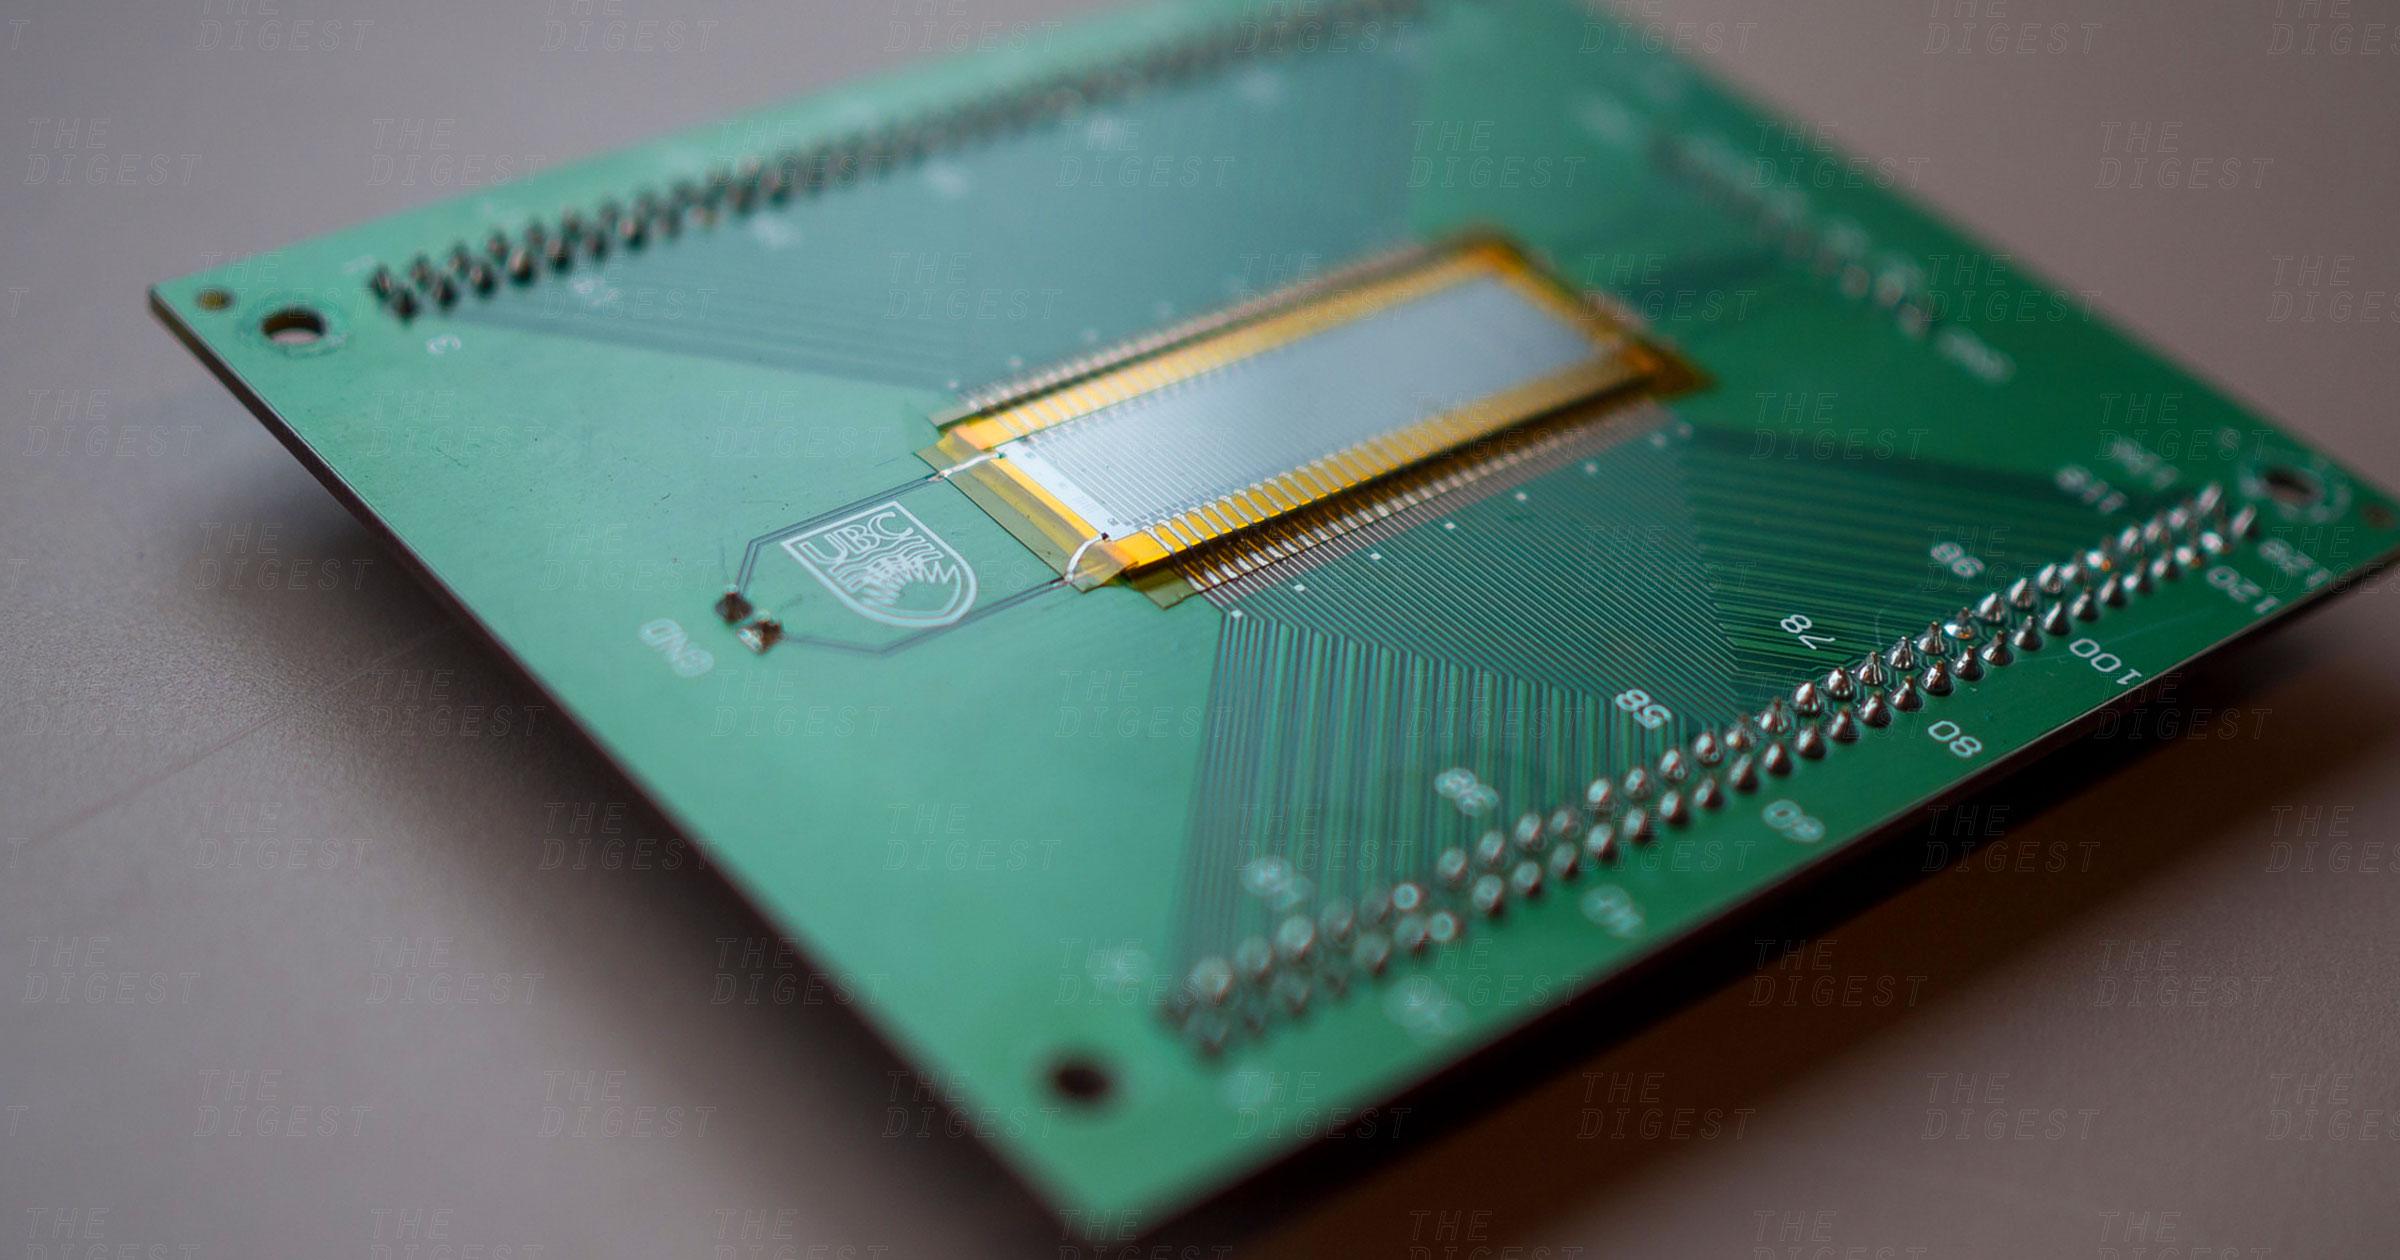 Thiết bị siêu âm vô cùng nhỏ gọn do các nhà nghiên cứu tại UBC chế tạo. Ảnh: Futurism.